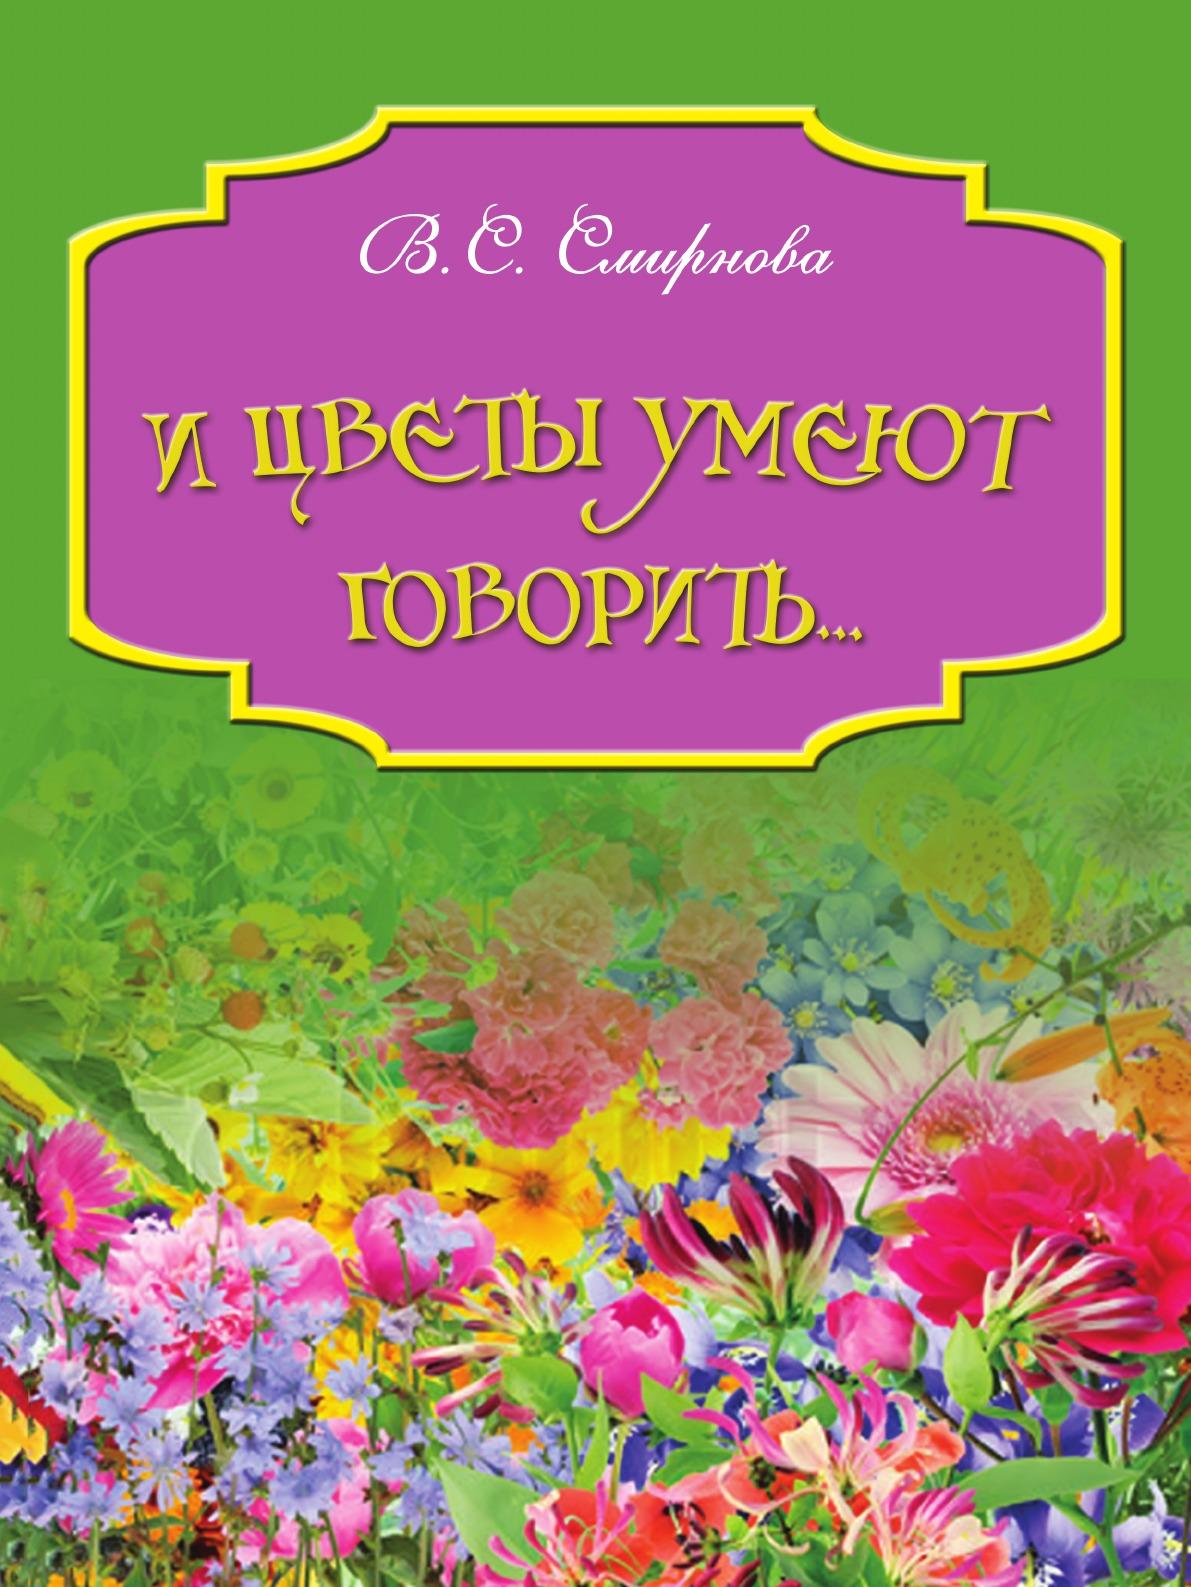 Валентина Смирнова И цветы умеют говорить